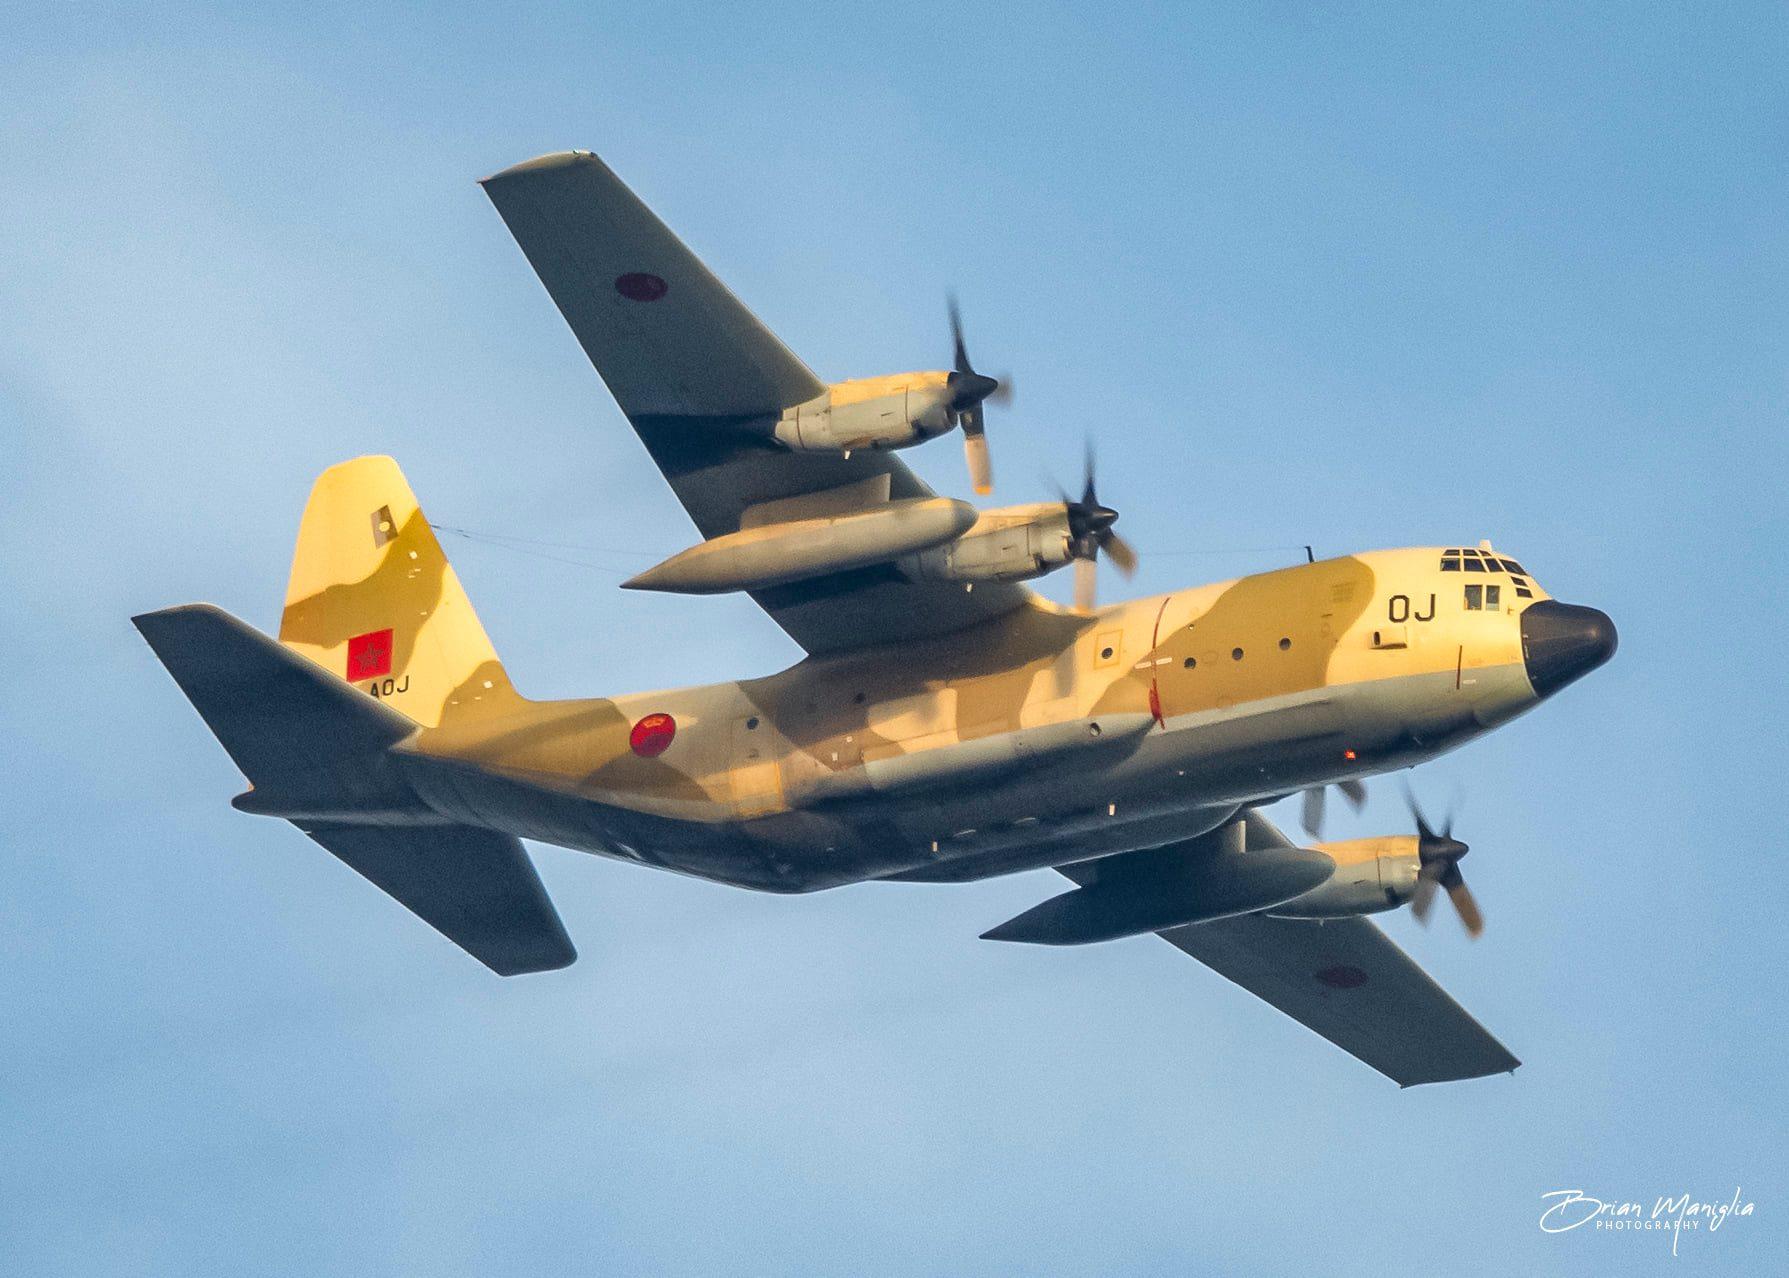 FRA: Photos d'avions de transport - Page 41 13361010